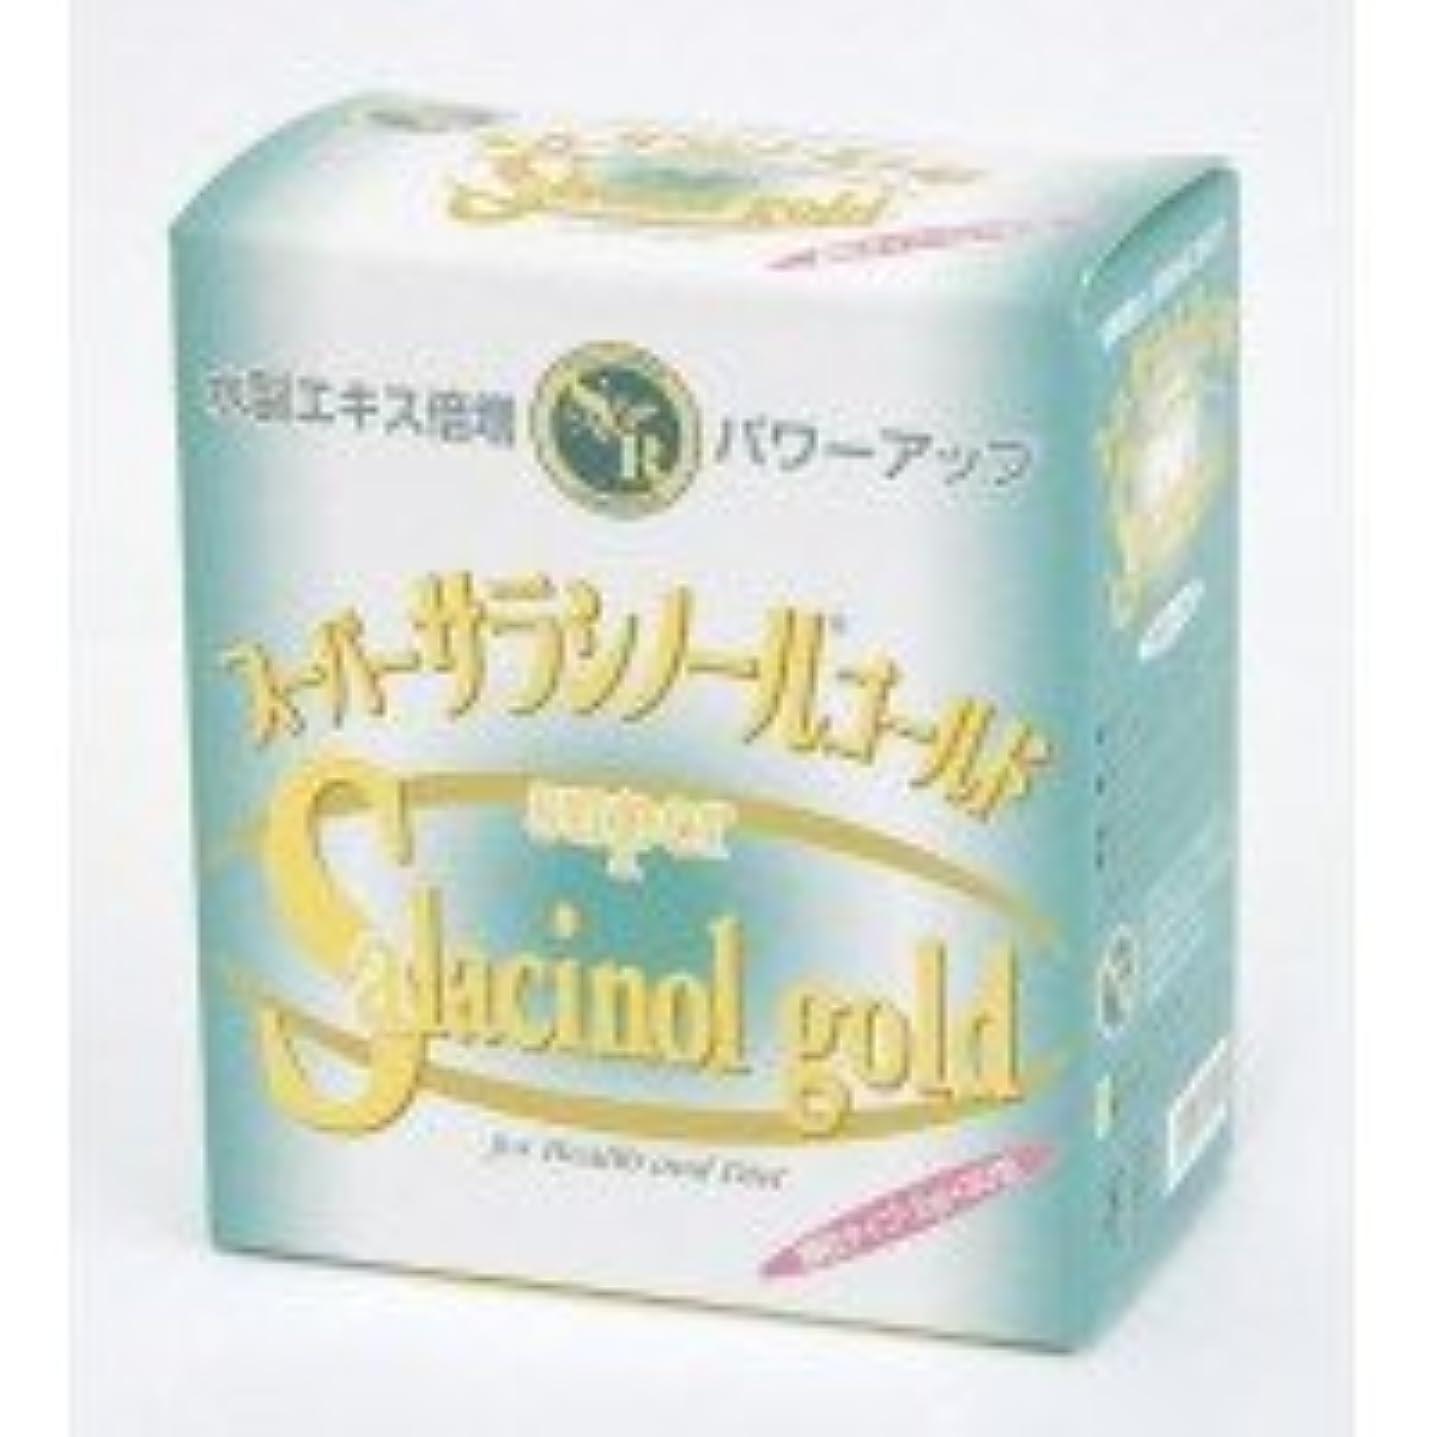 評判自分を引き上げる減衰ジャパンヘルス スーパーサラシノールゴールド 2g×30包